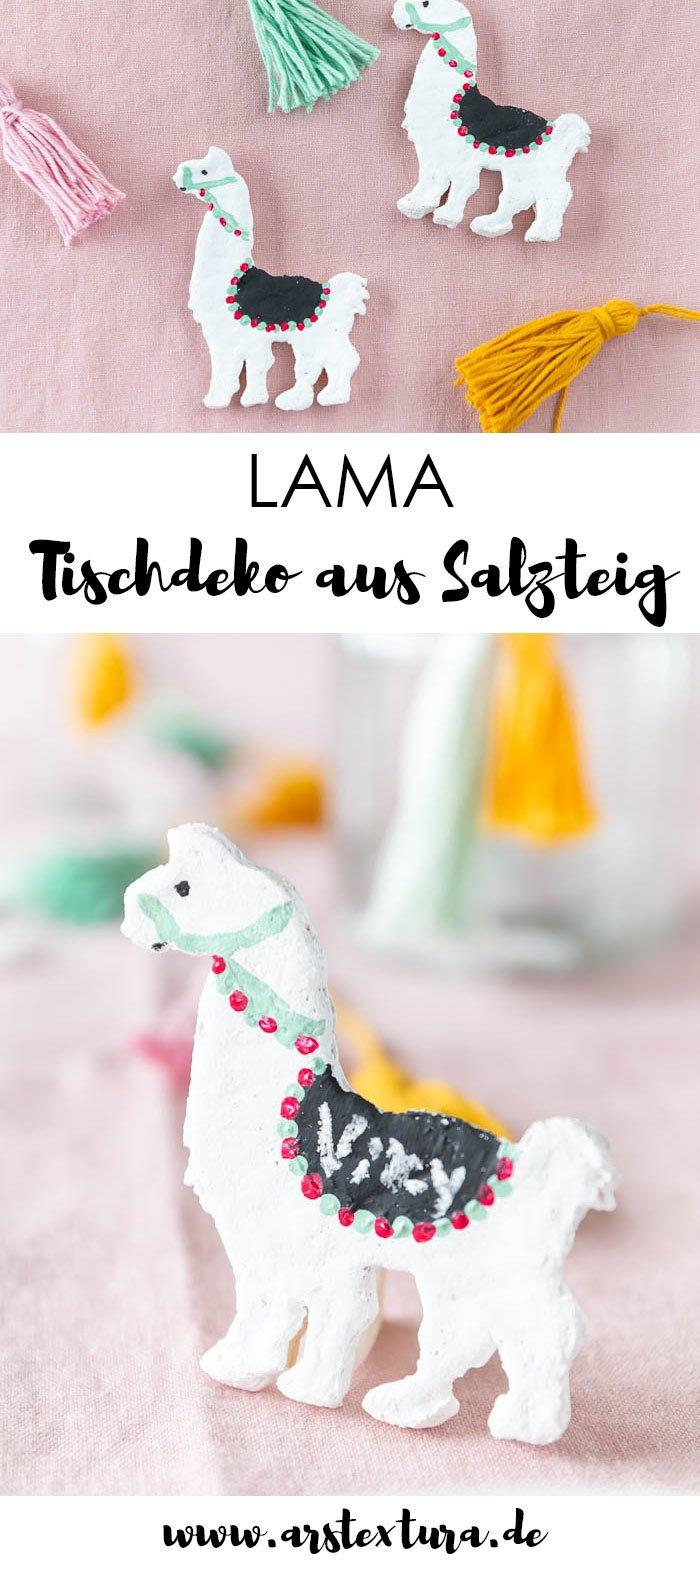 DIY Lama Tischdeko basteln mit Salzteig